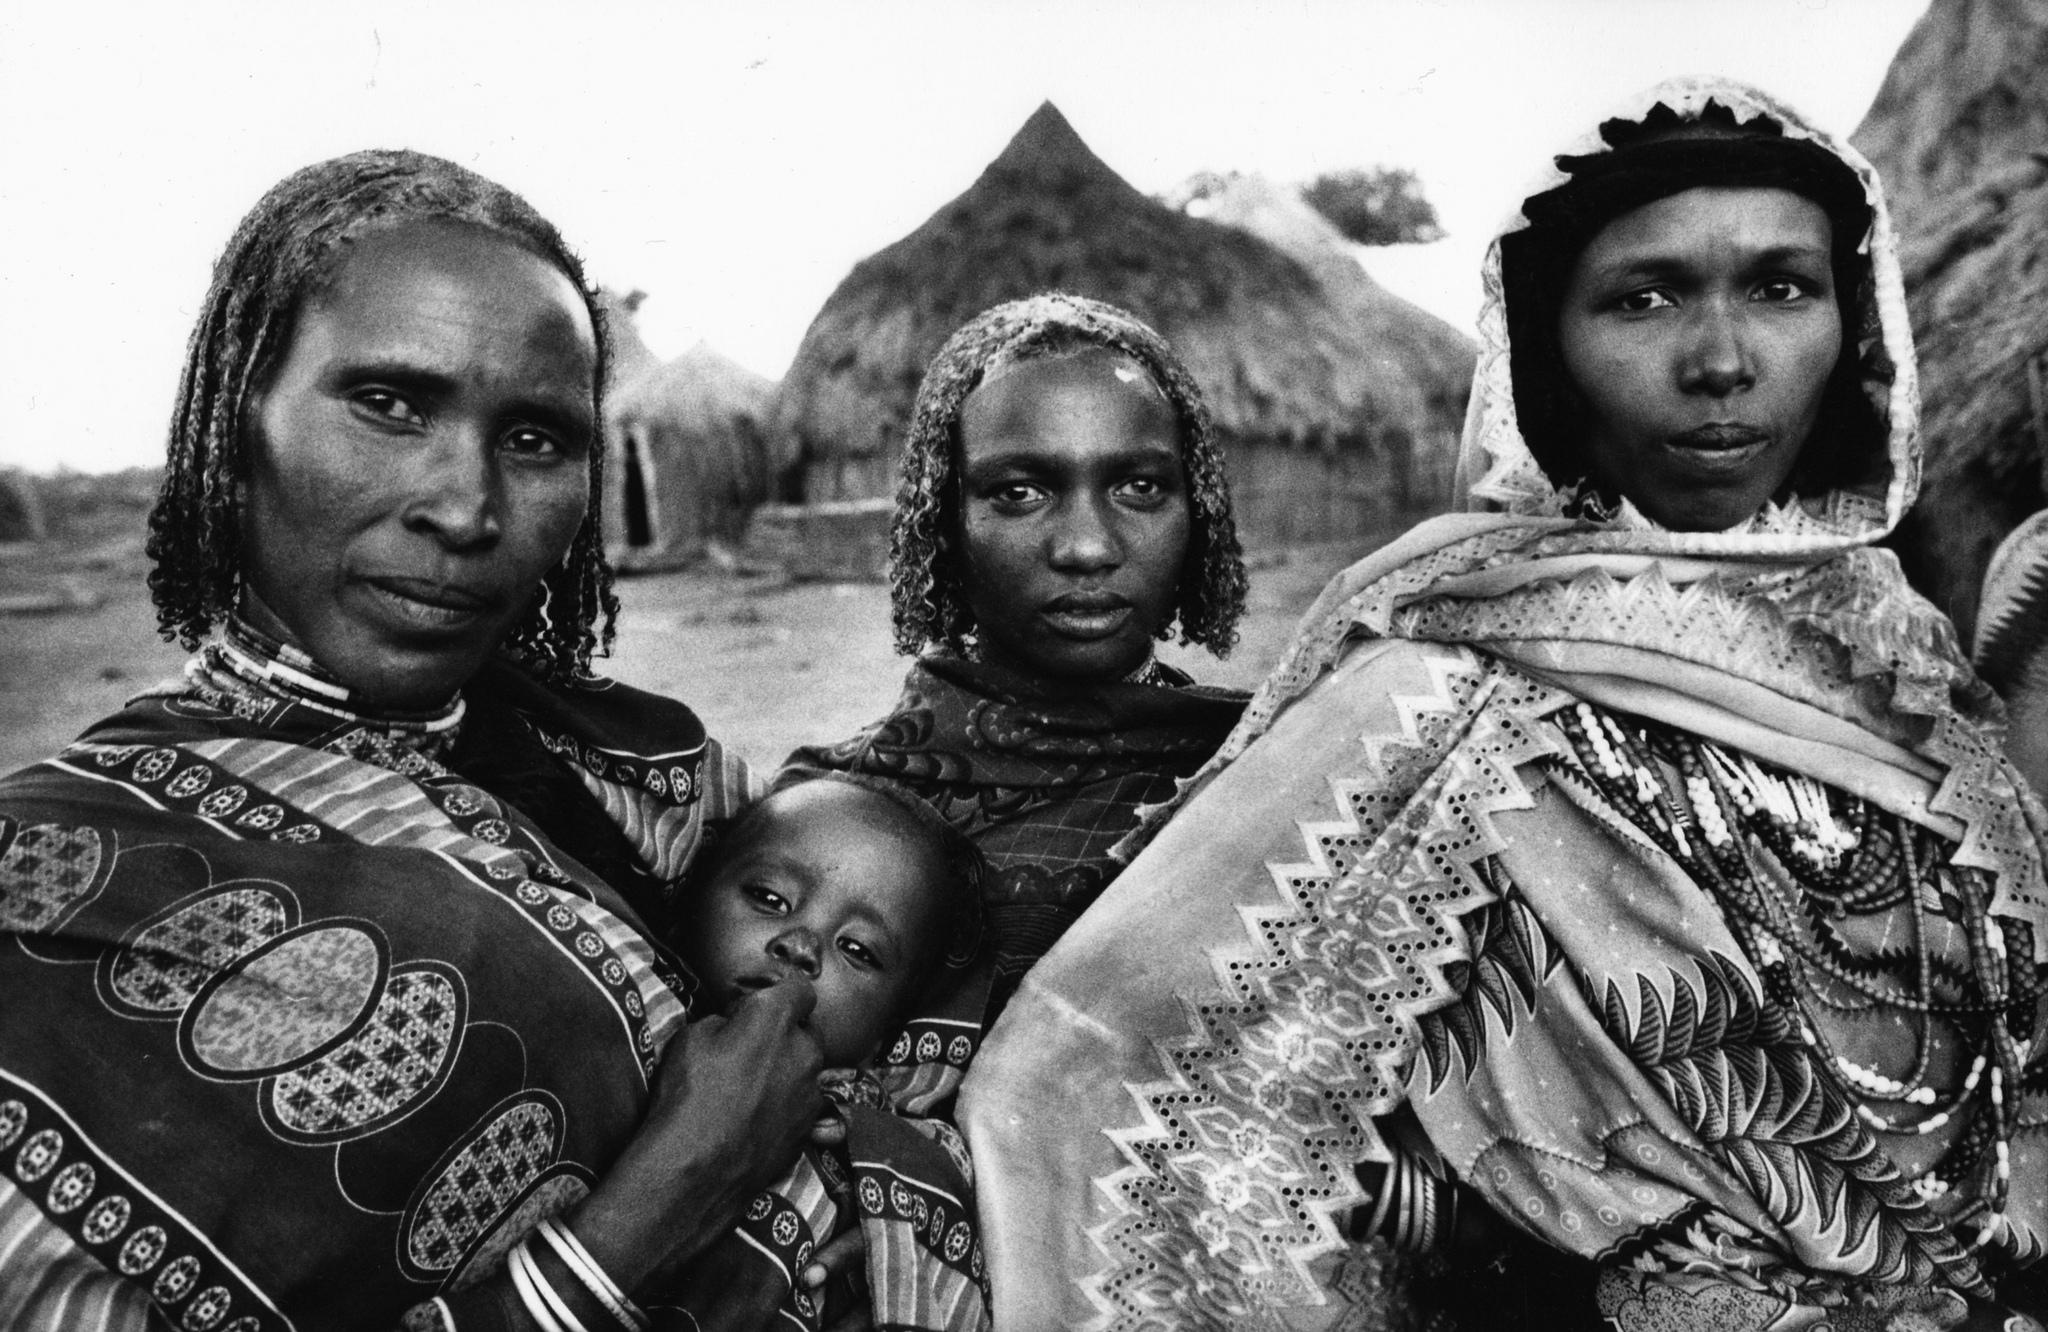 In un villaggio borana nei pressi di Darrito, durante la festa per la cerimonia del conferimento del nome al figlio di un ricco proprietario di bestiame locale, Etiopia meridionale, 2007